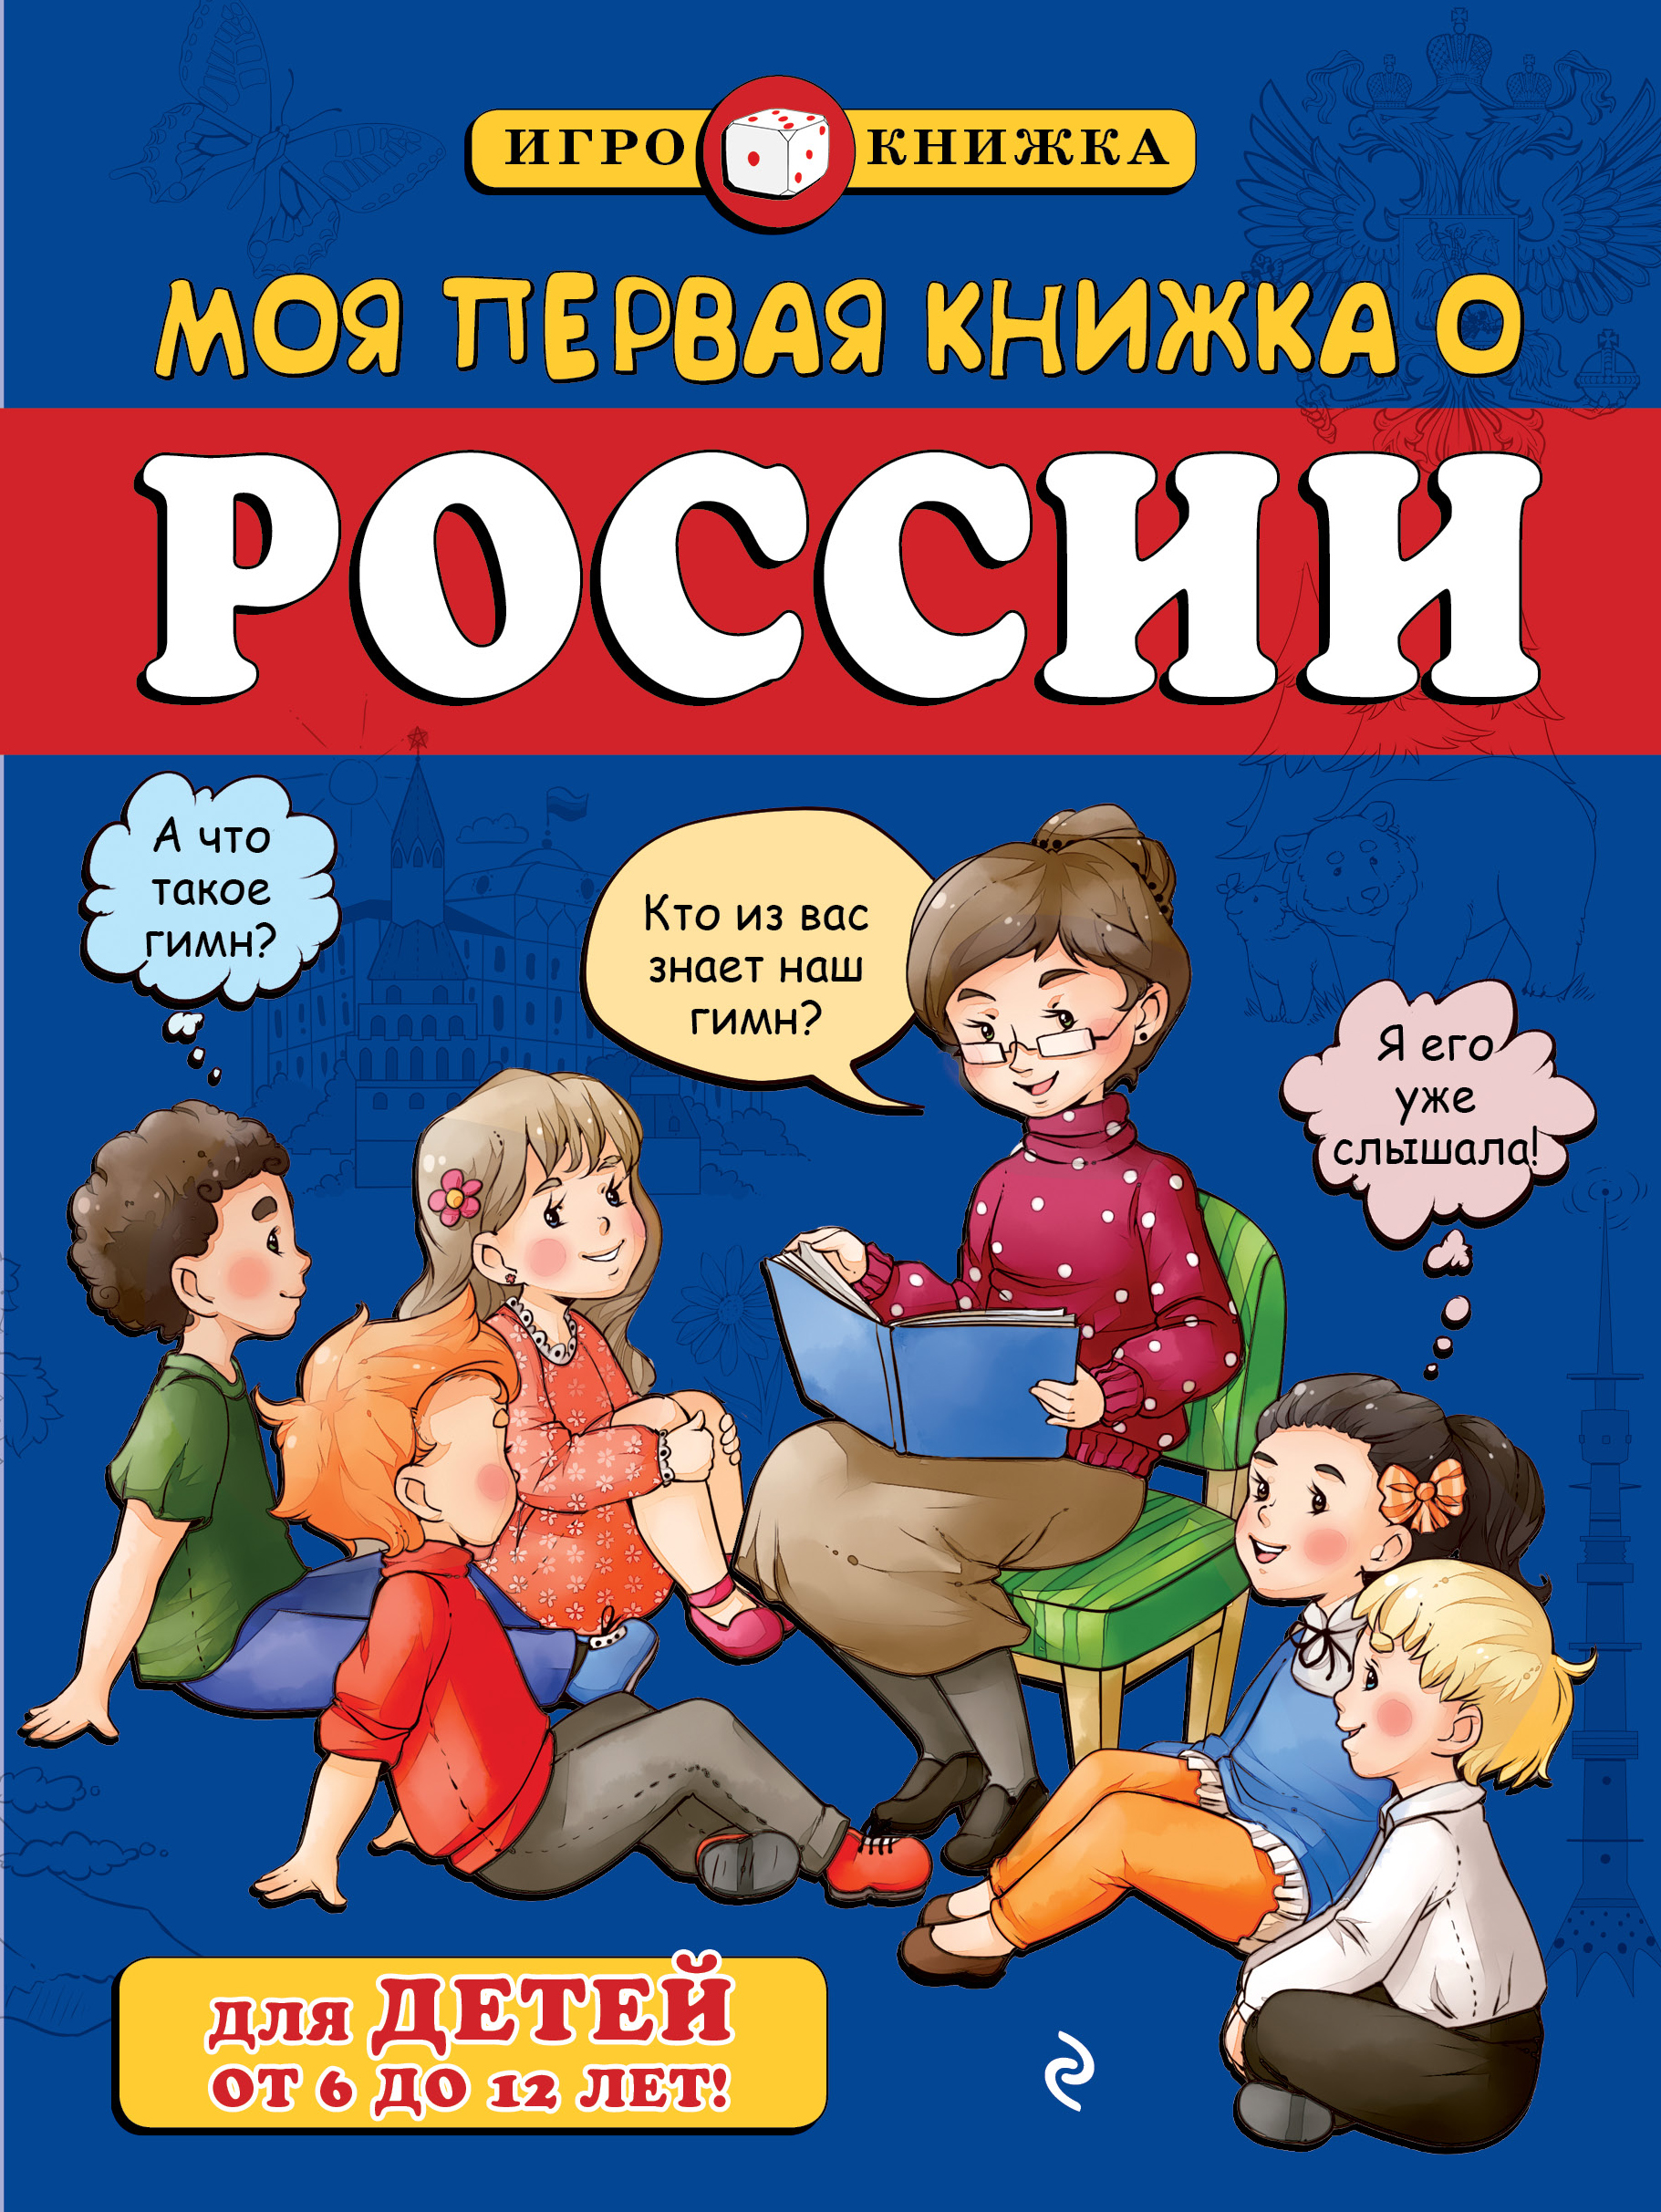 Пинчук А.Е. Моя первая книжка о России (для детей от 6 до 12 лет) диляра тасбулатова у кого в россии больше